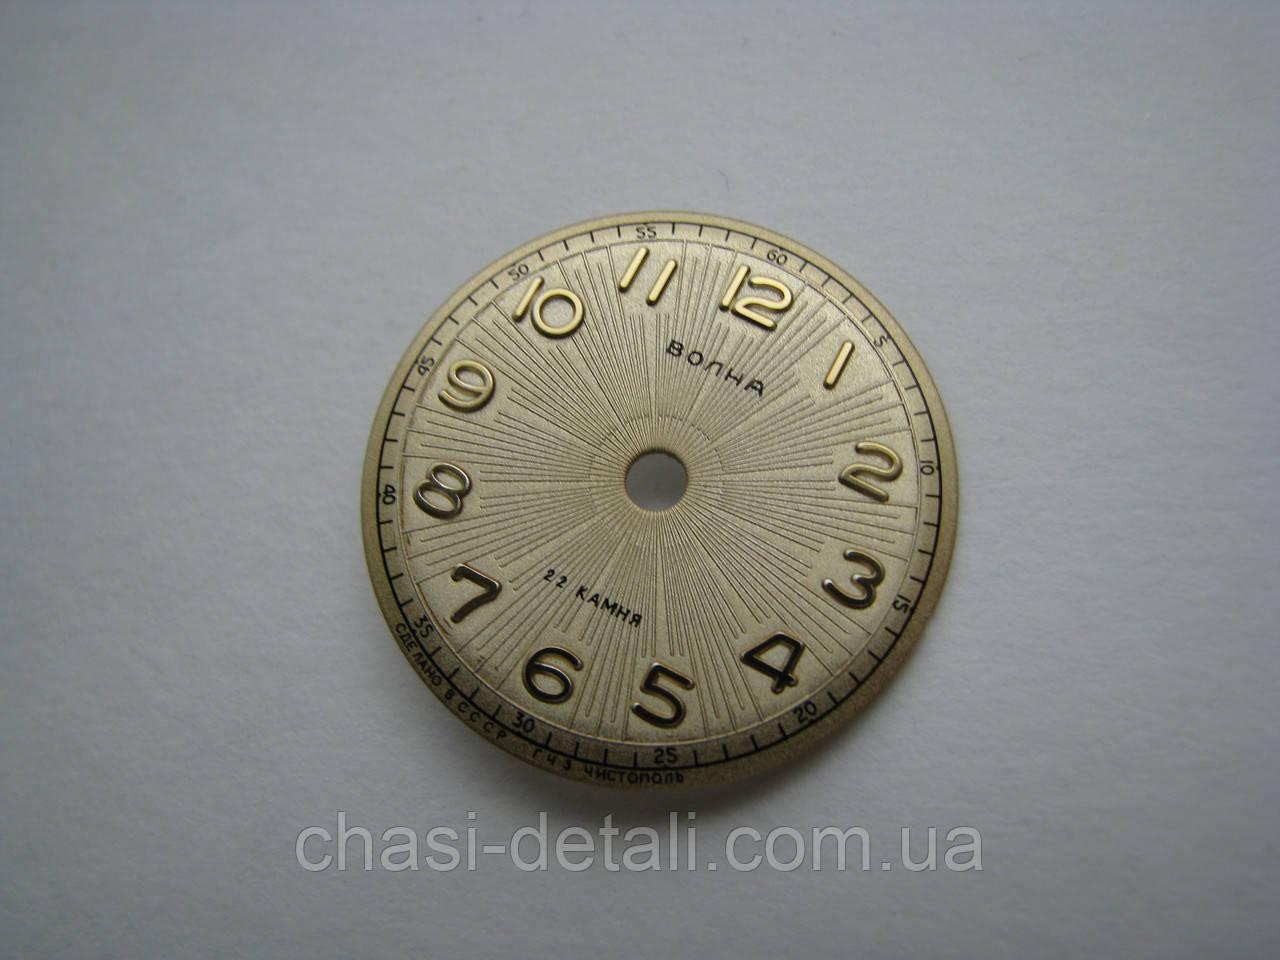 Циферблат для часов Волна. Часы Волна.